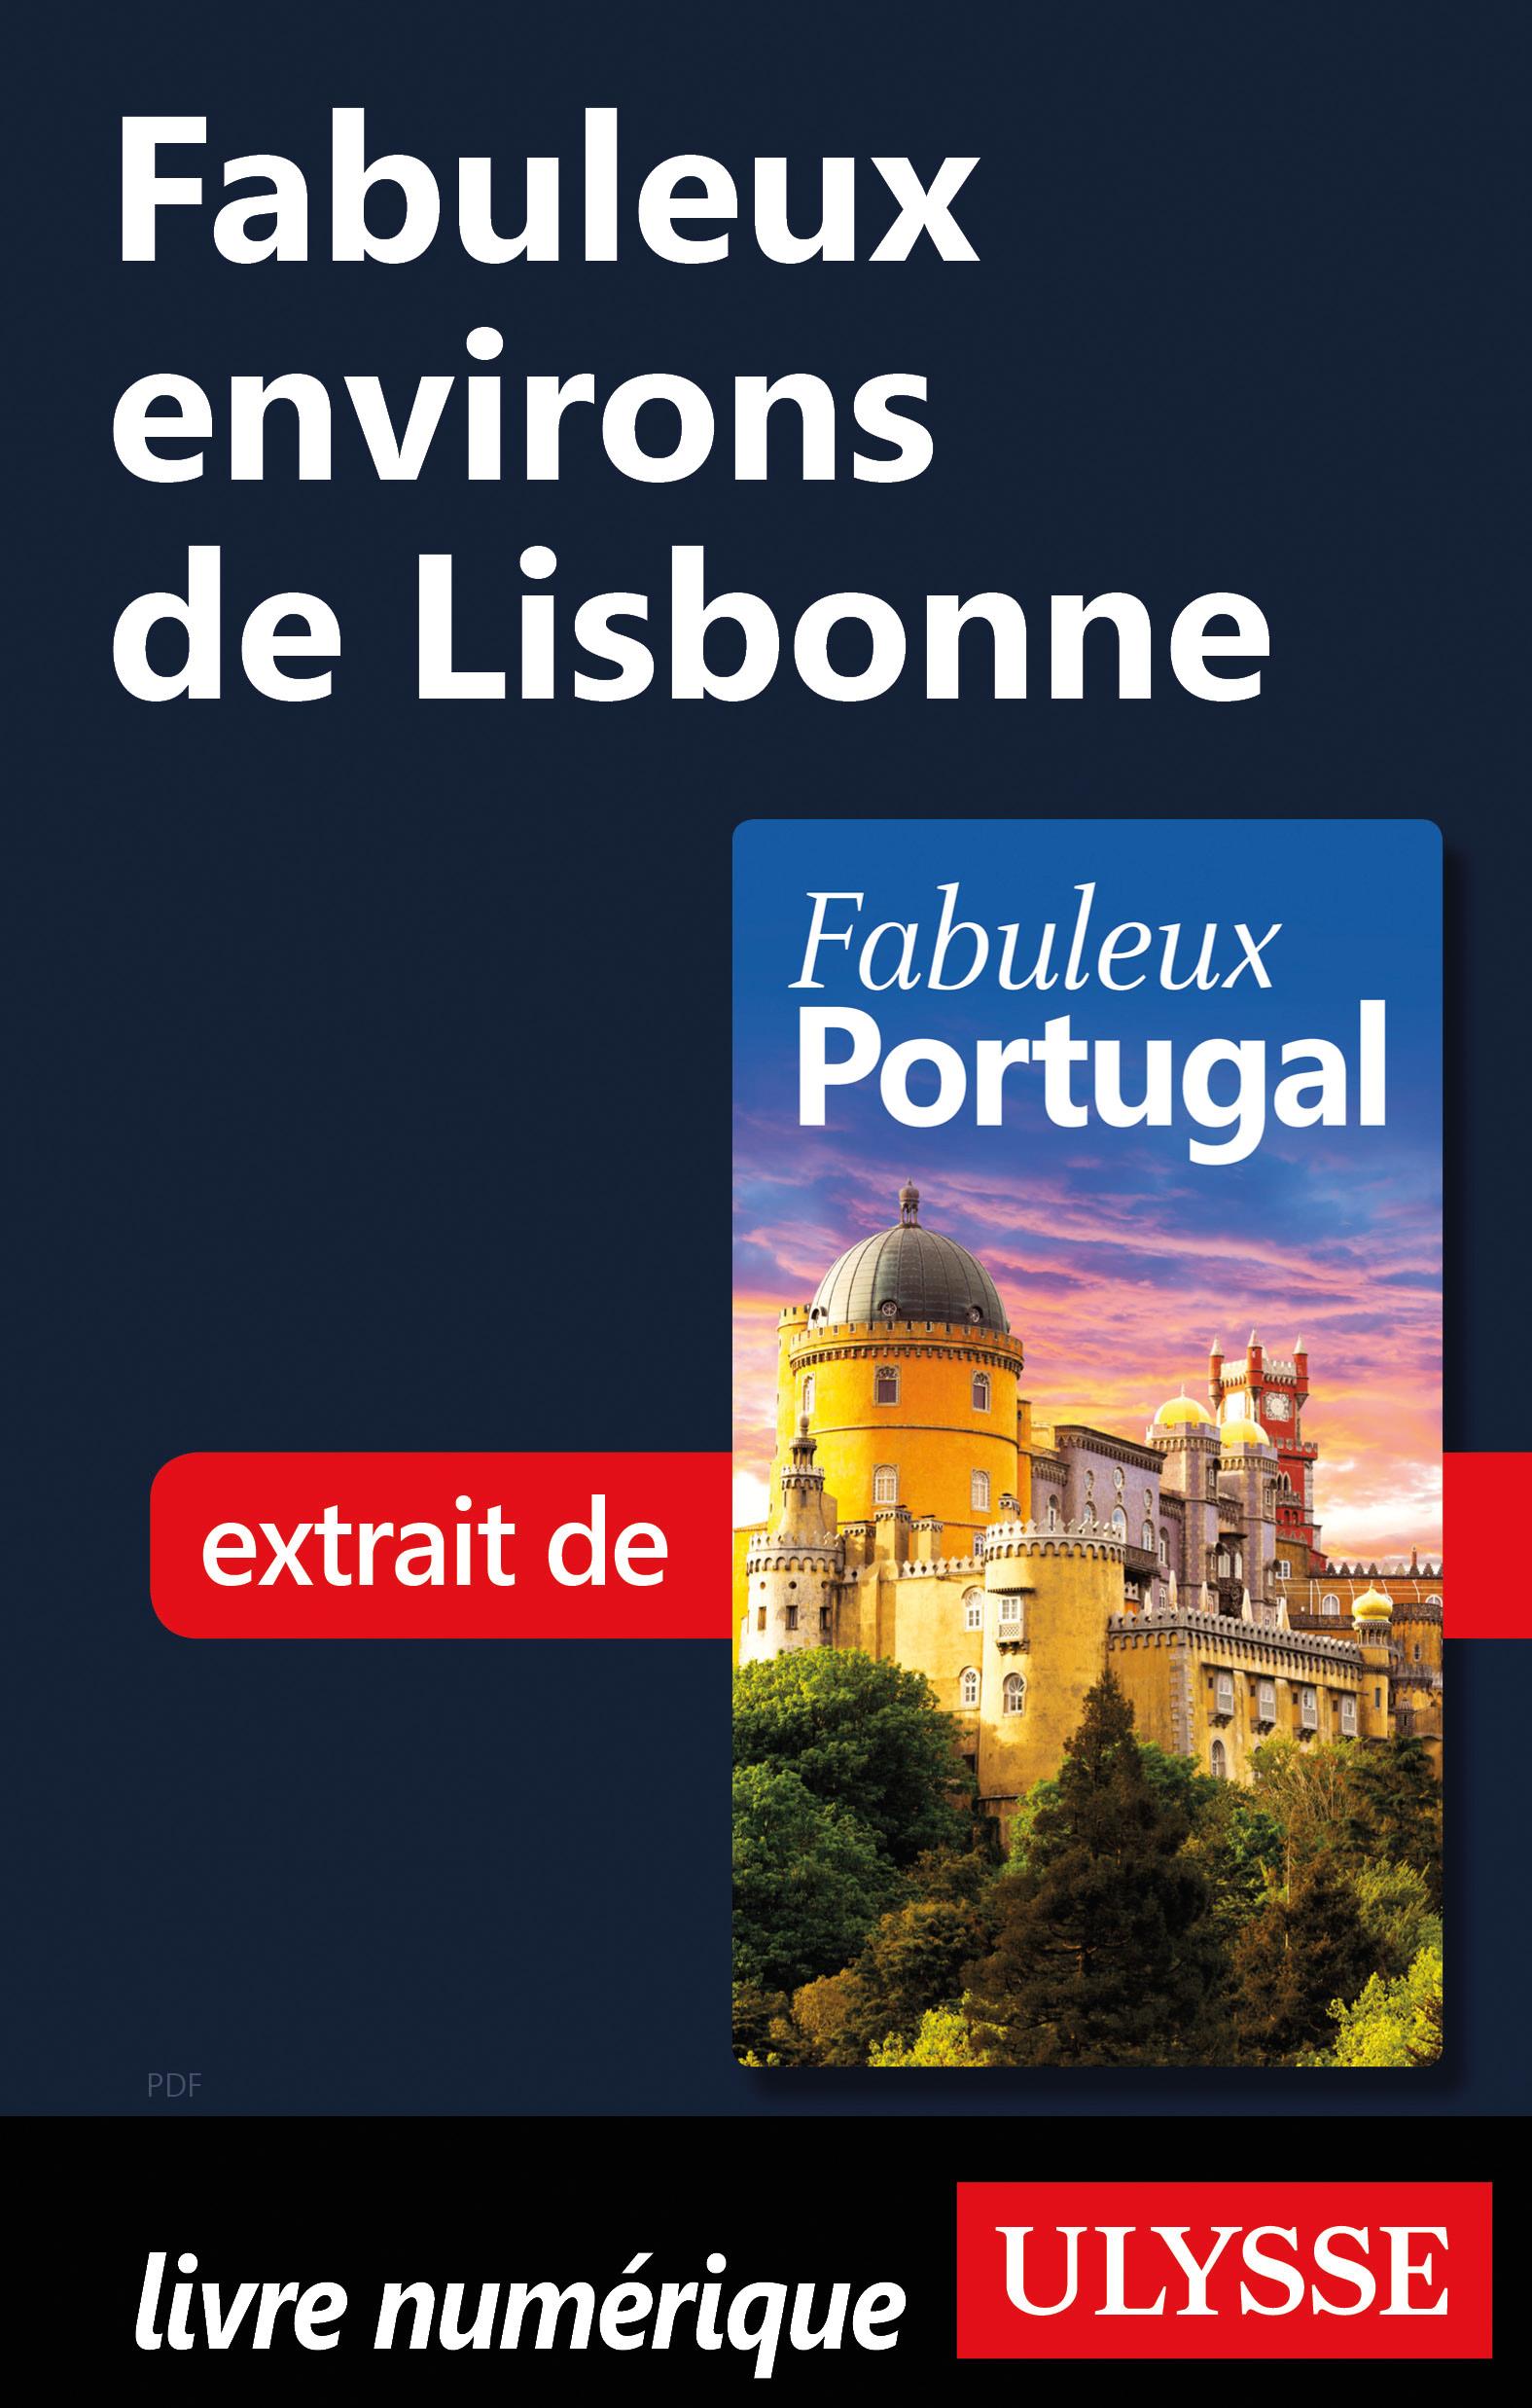 Fabuleux environs de Lisbonne